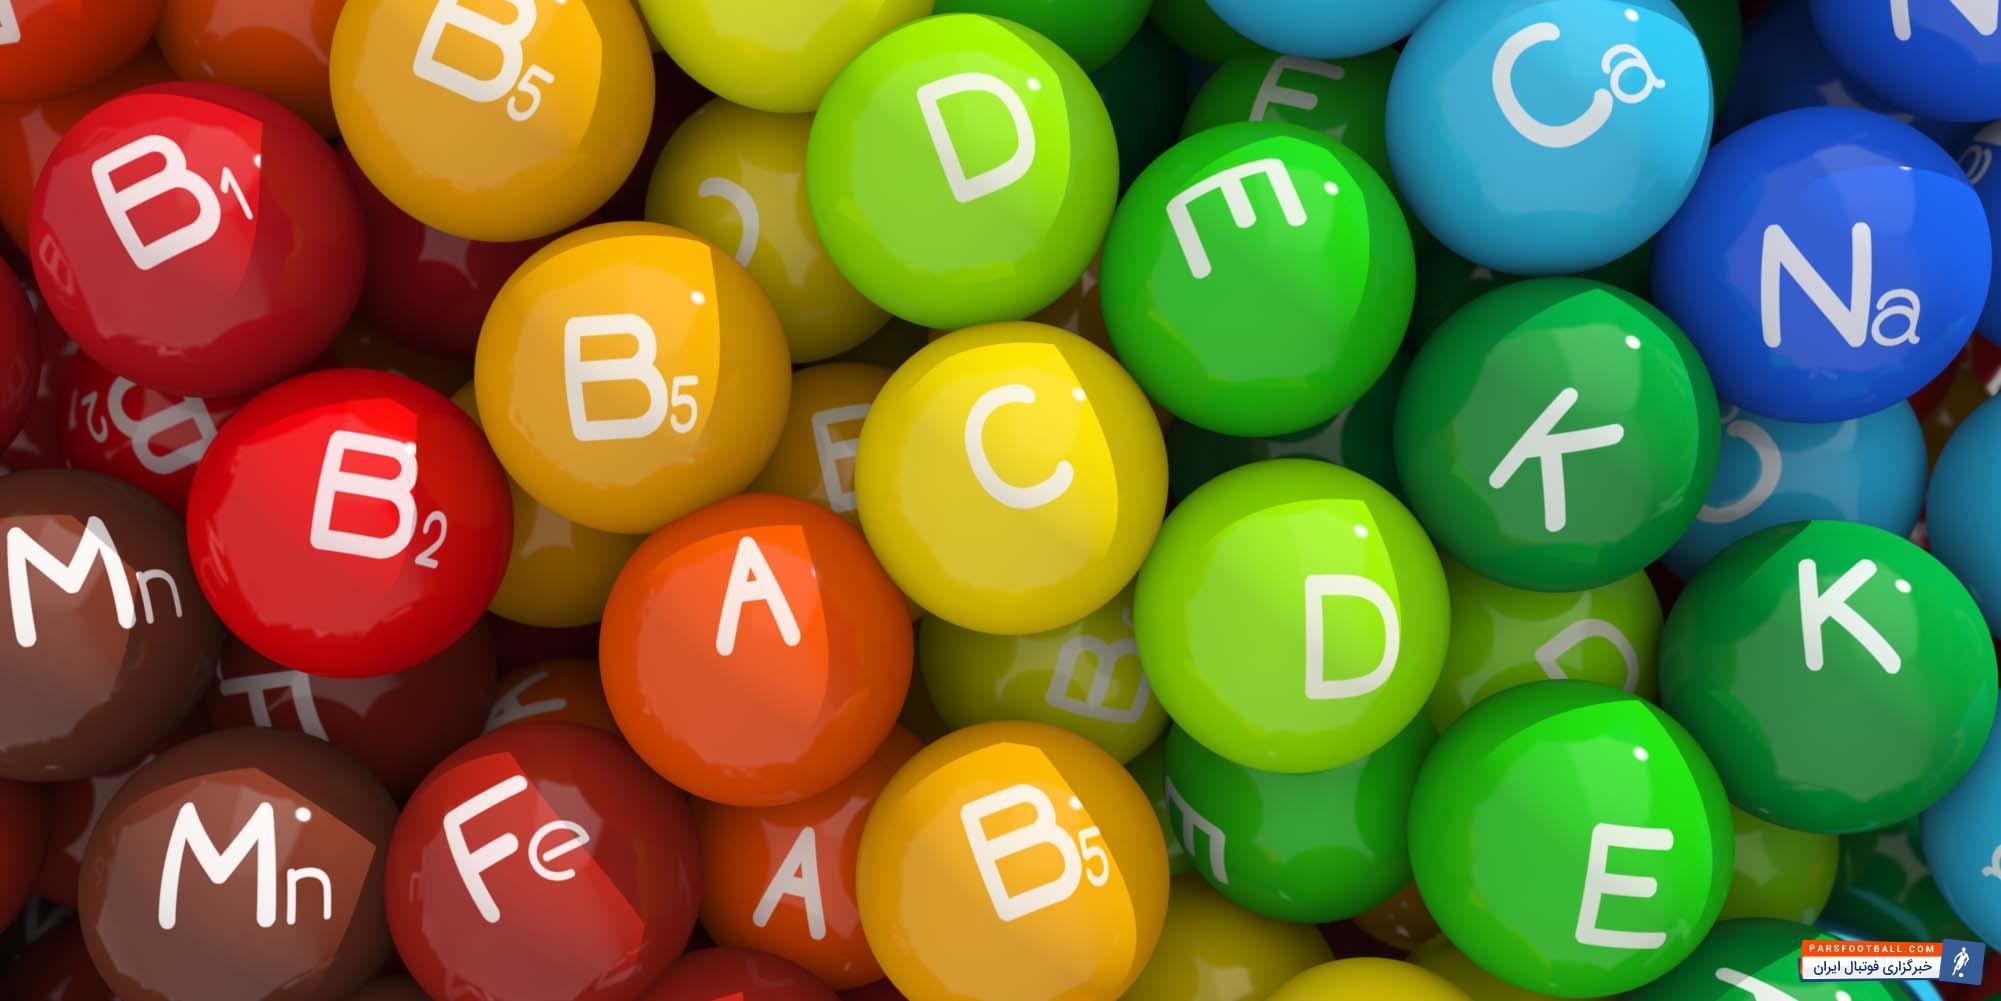 نگاهی به علائم کمبود ویتامین های مختلف در بدن